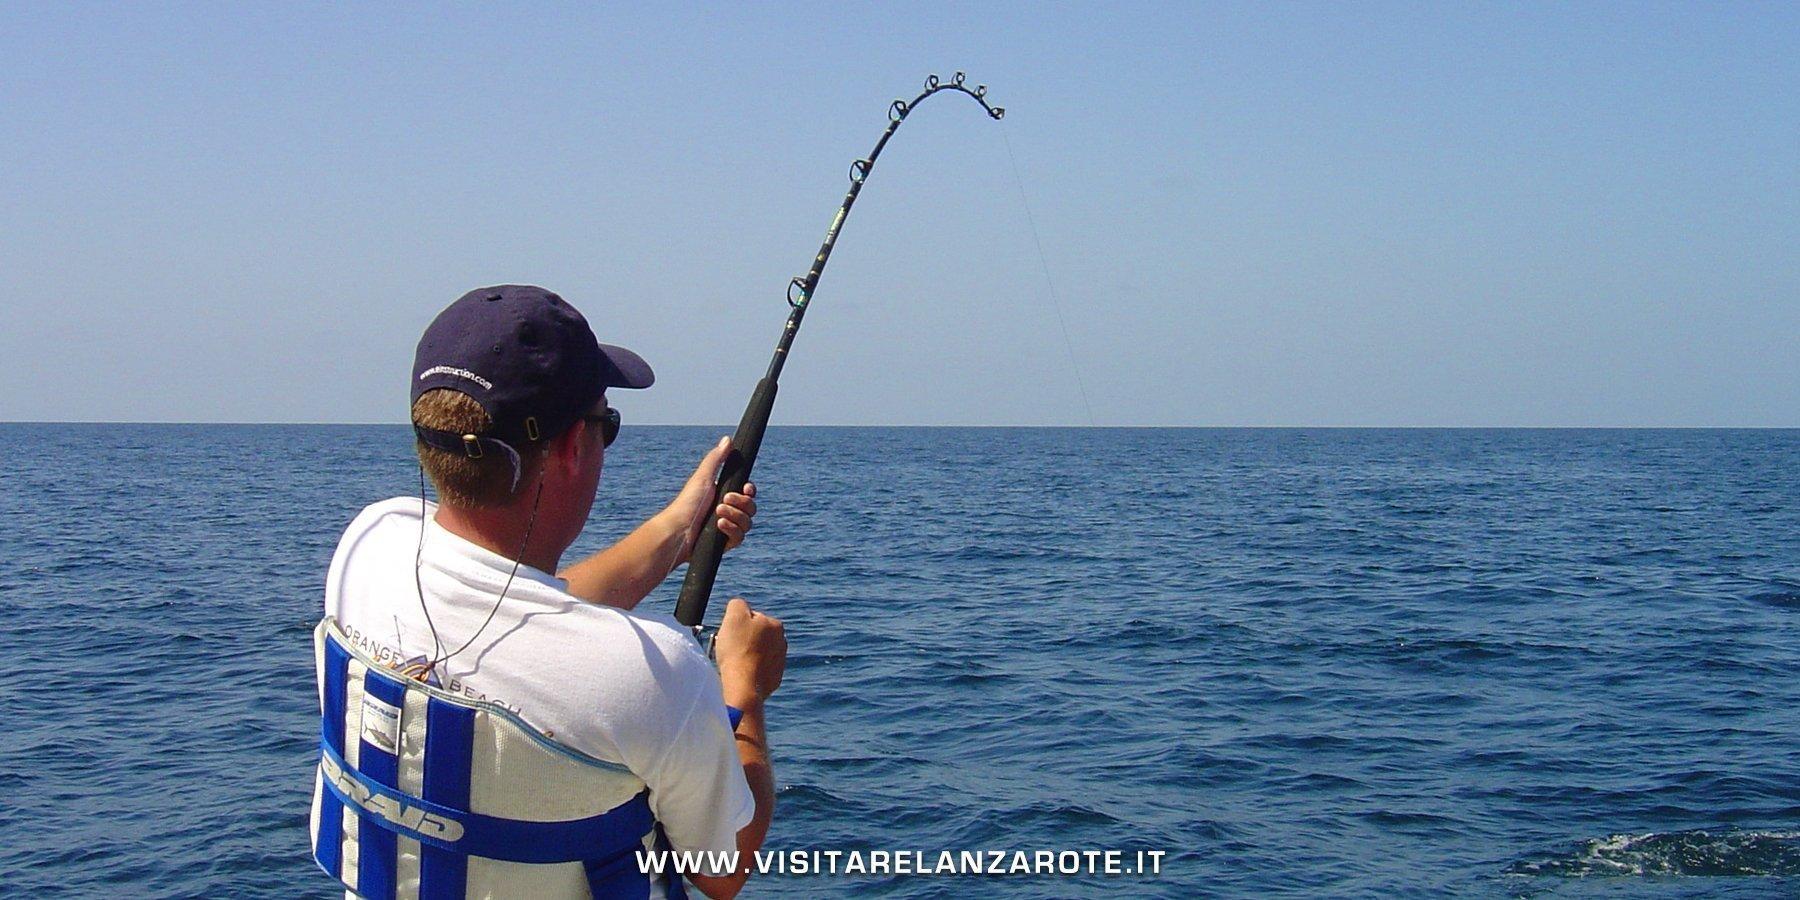 pesca sportiva lanzarote